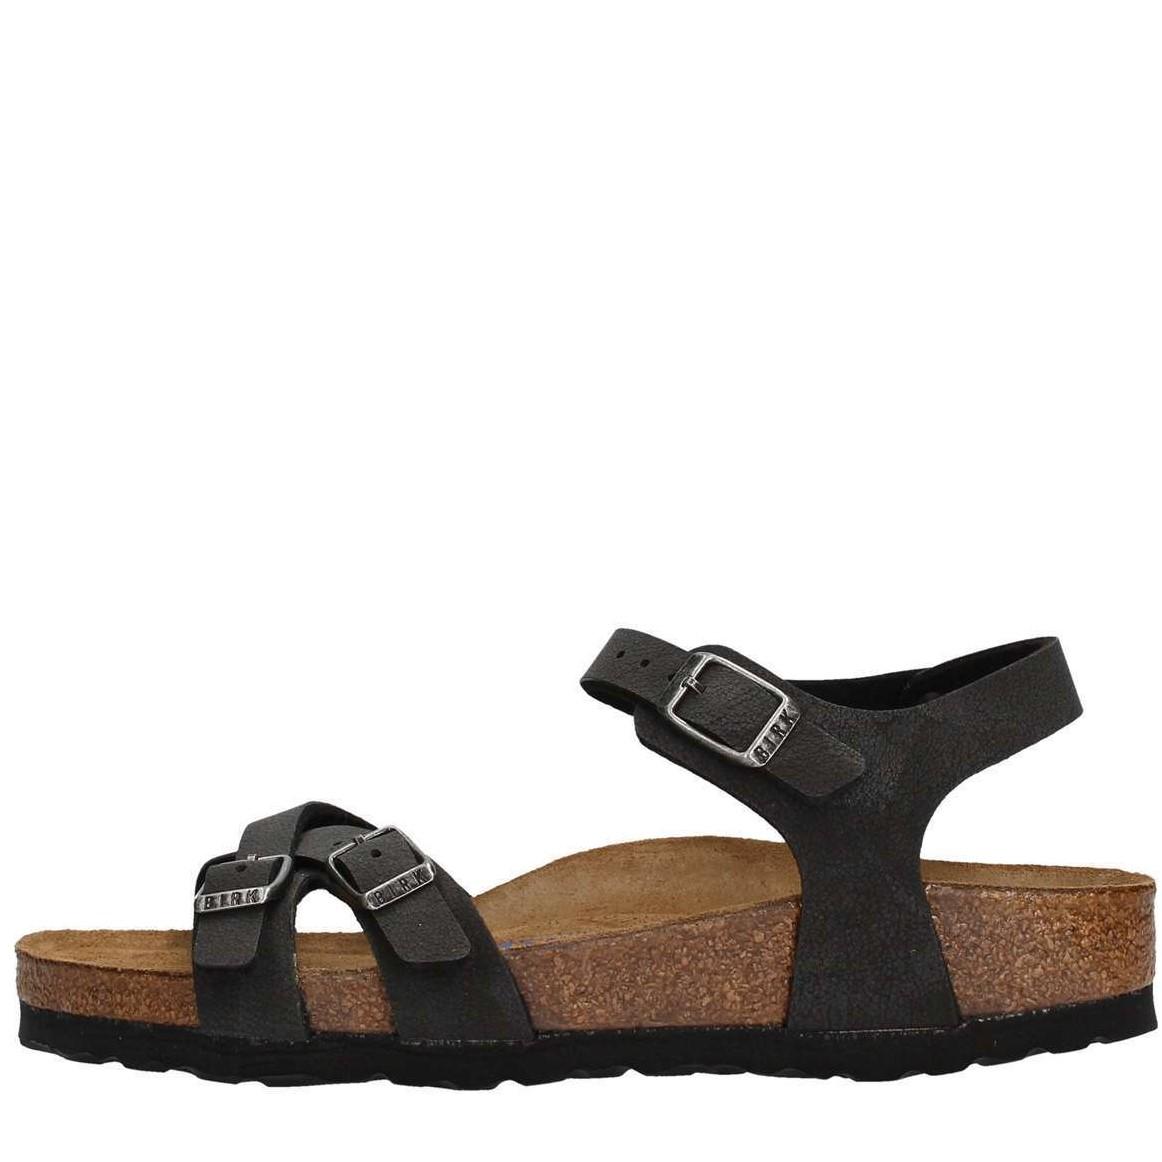 eca02de9b5167 BIRKENSTOCK KUMBA WOMEN S SANDALS SOFT FOOTBED BIRKO FLOR BRUSHED BLACK